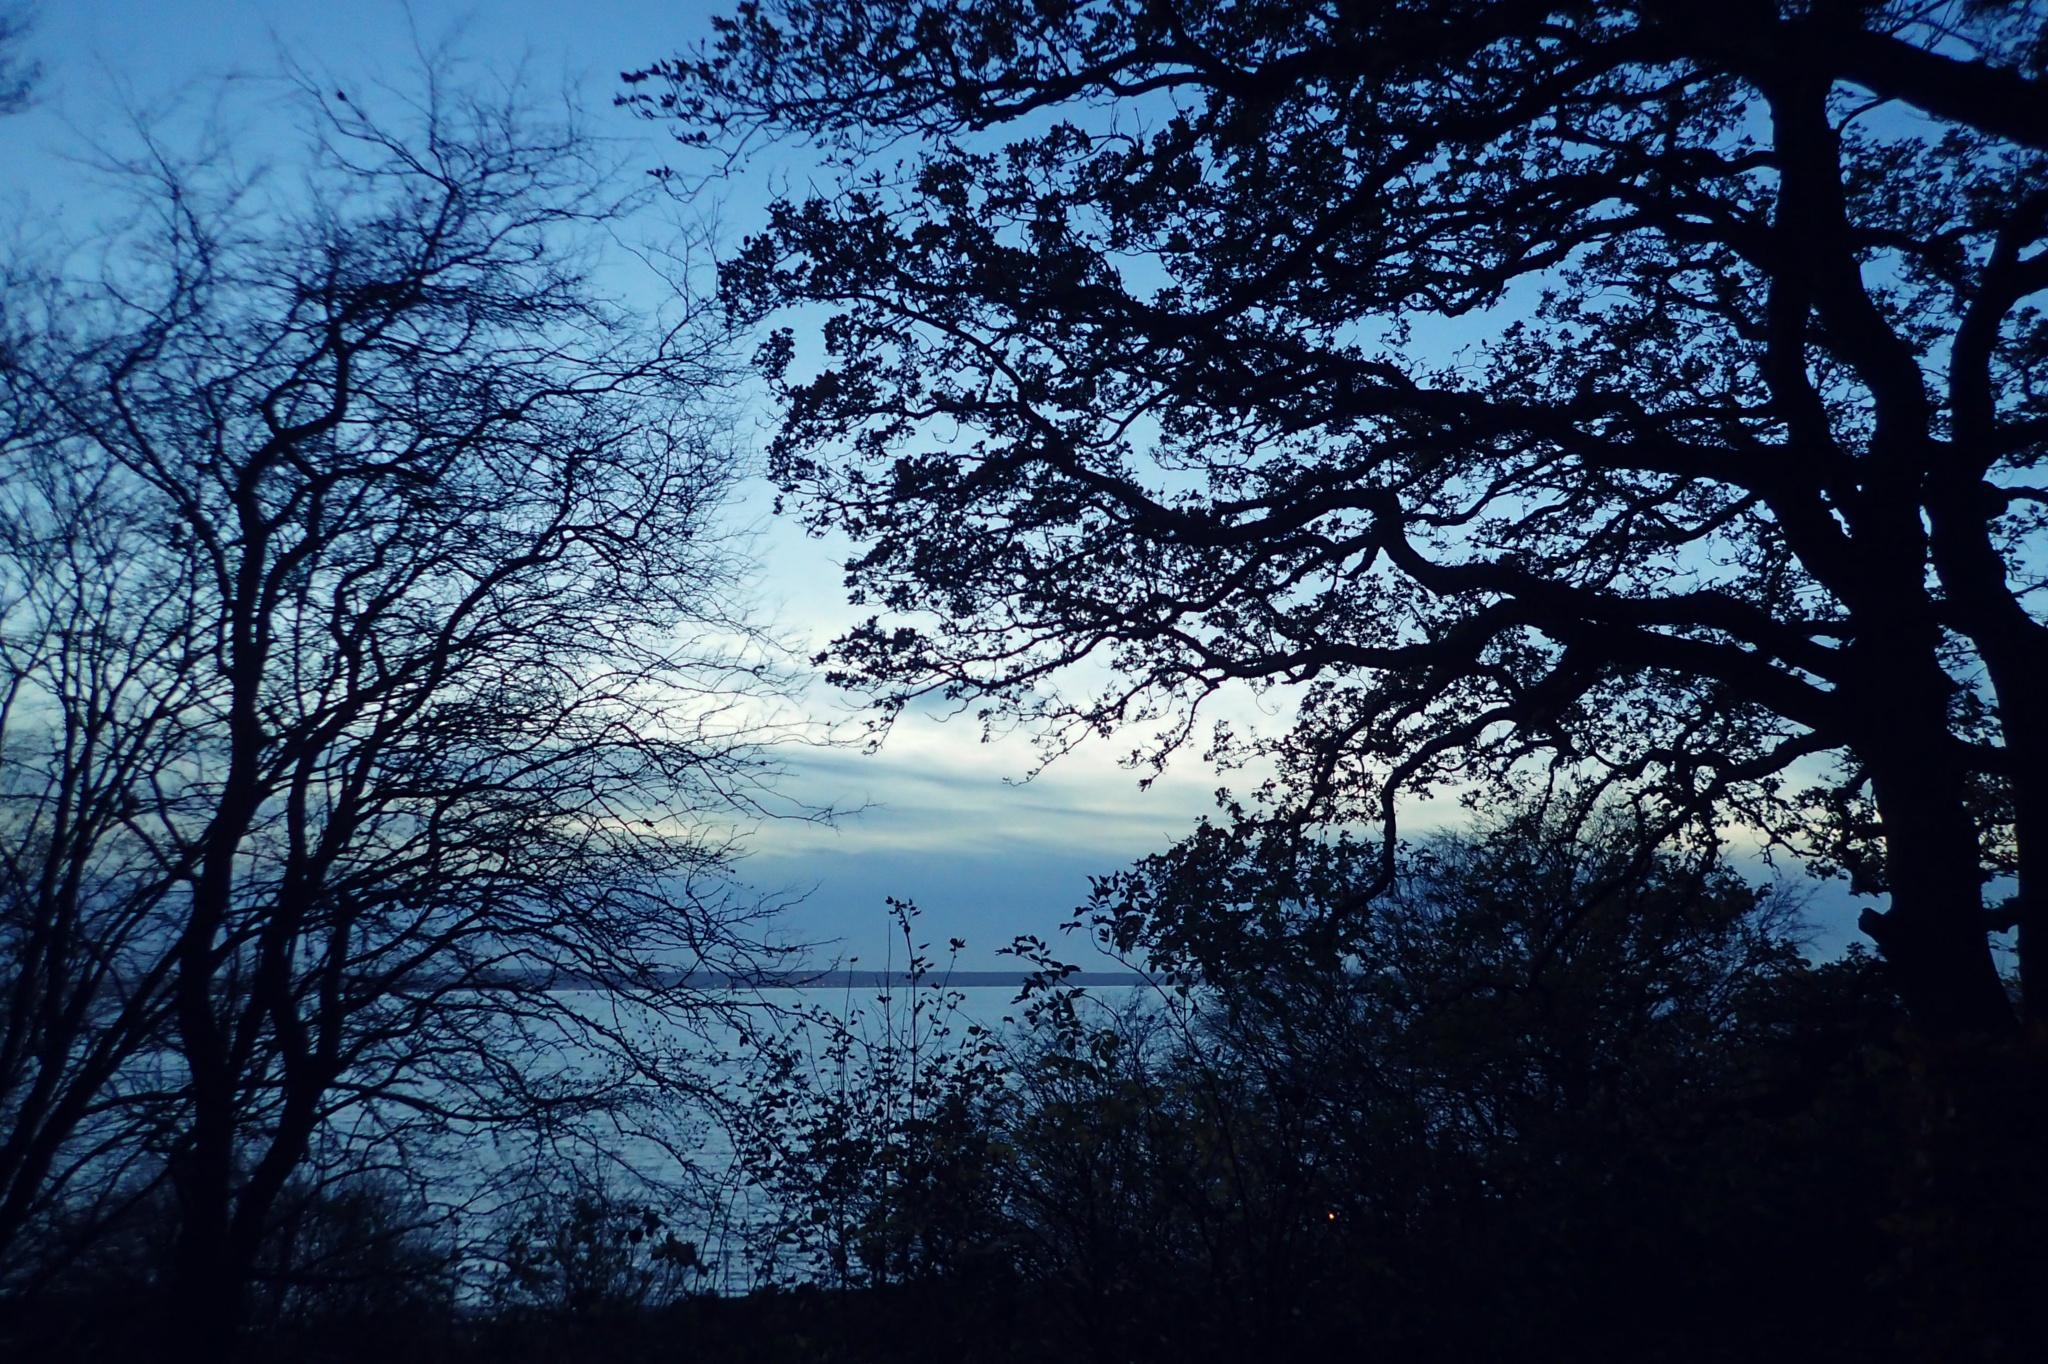 Autumn evening by bemmy